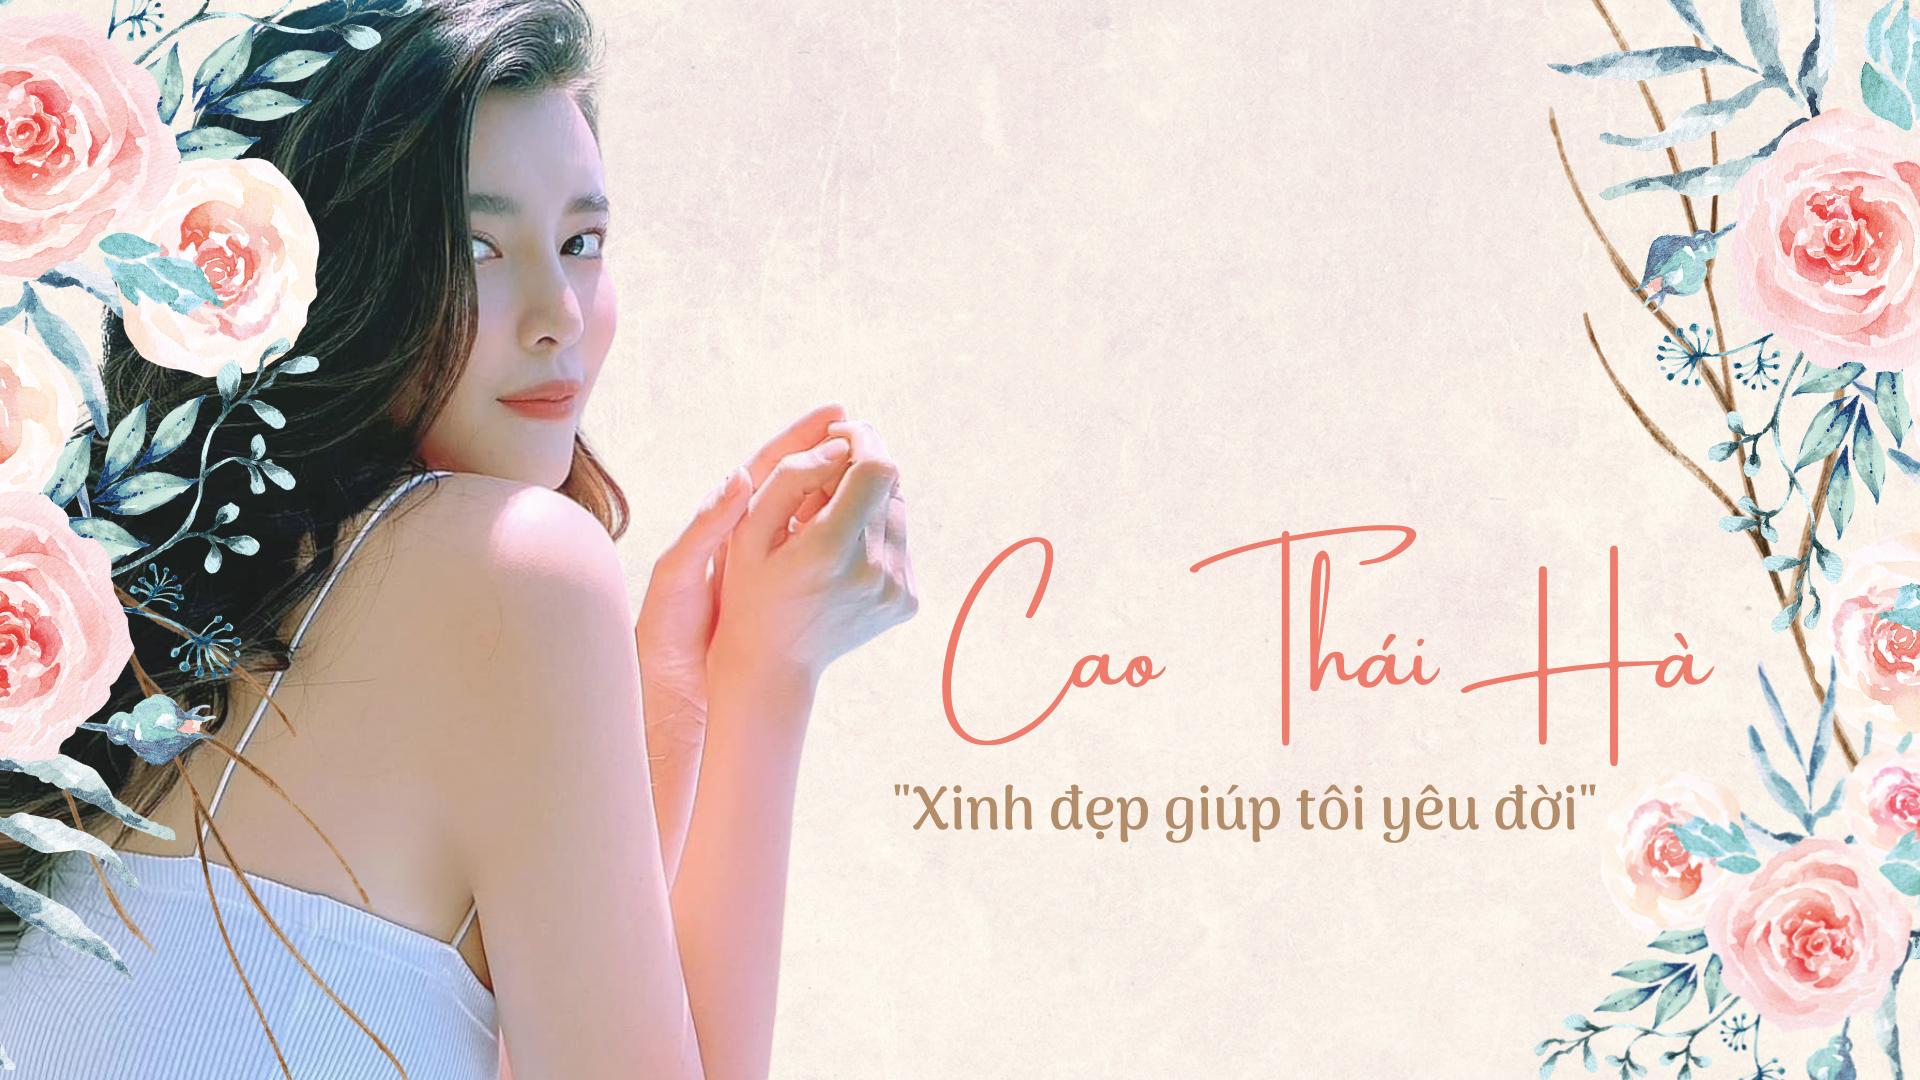 """""""Hoạn Thư"""" Cao Thái Hà """"đúc"""" dáng gợi cảm vạn người mê - 1"""